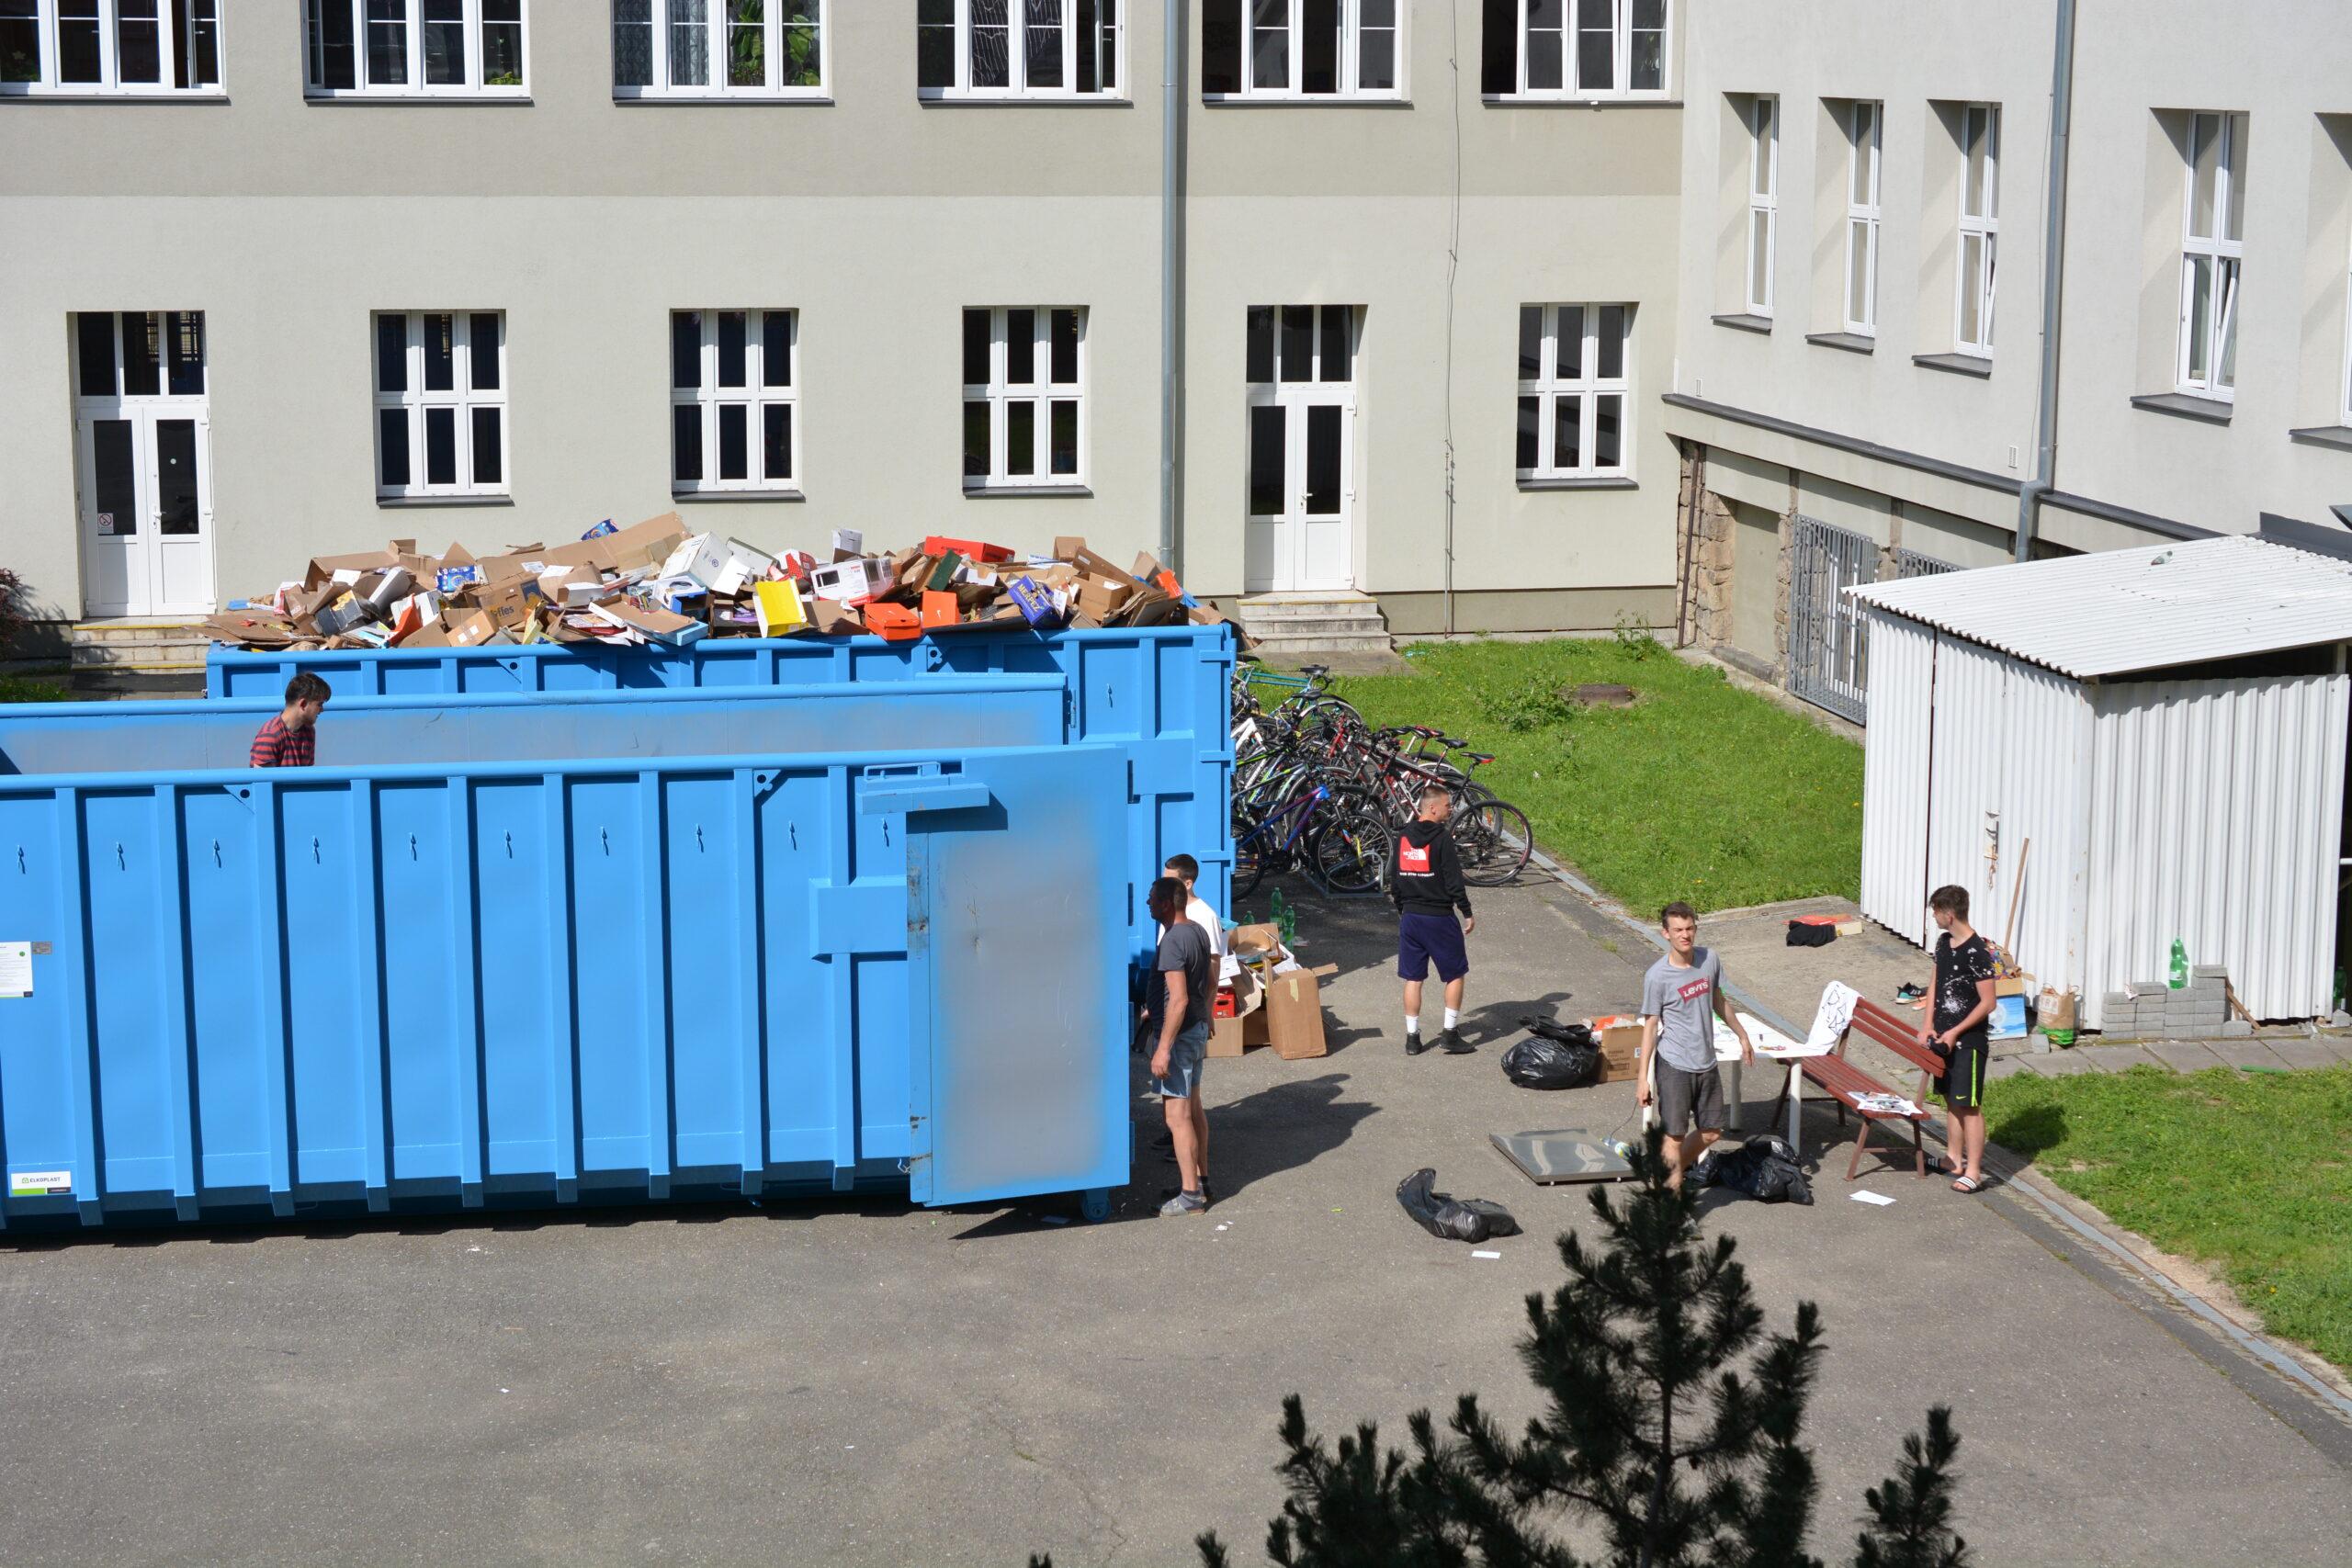 POZOR, POZOR: Sběr starého papíru na dvoře školy bude!!